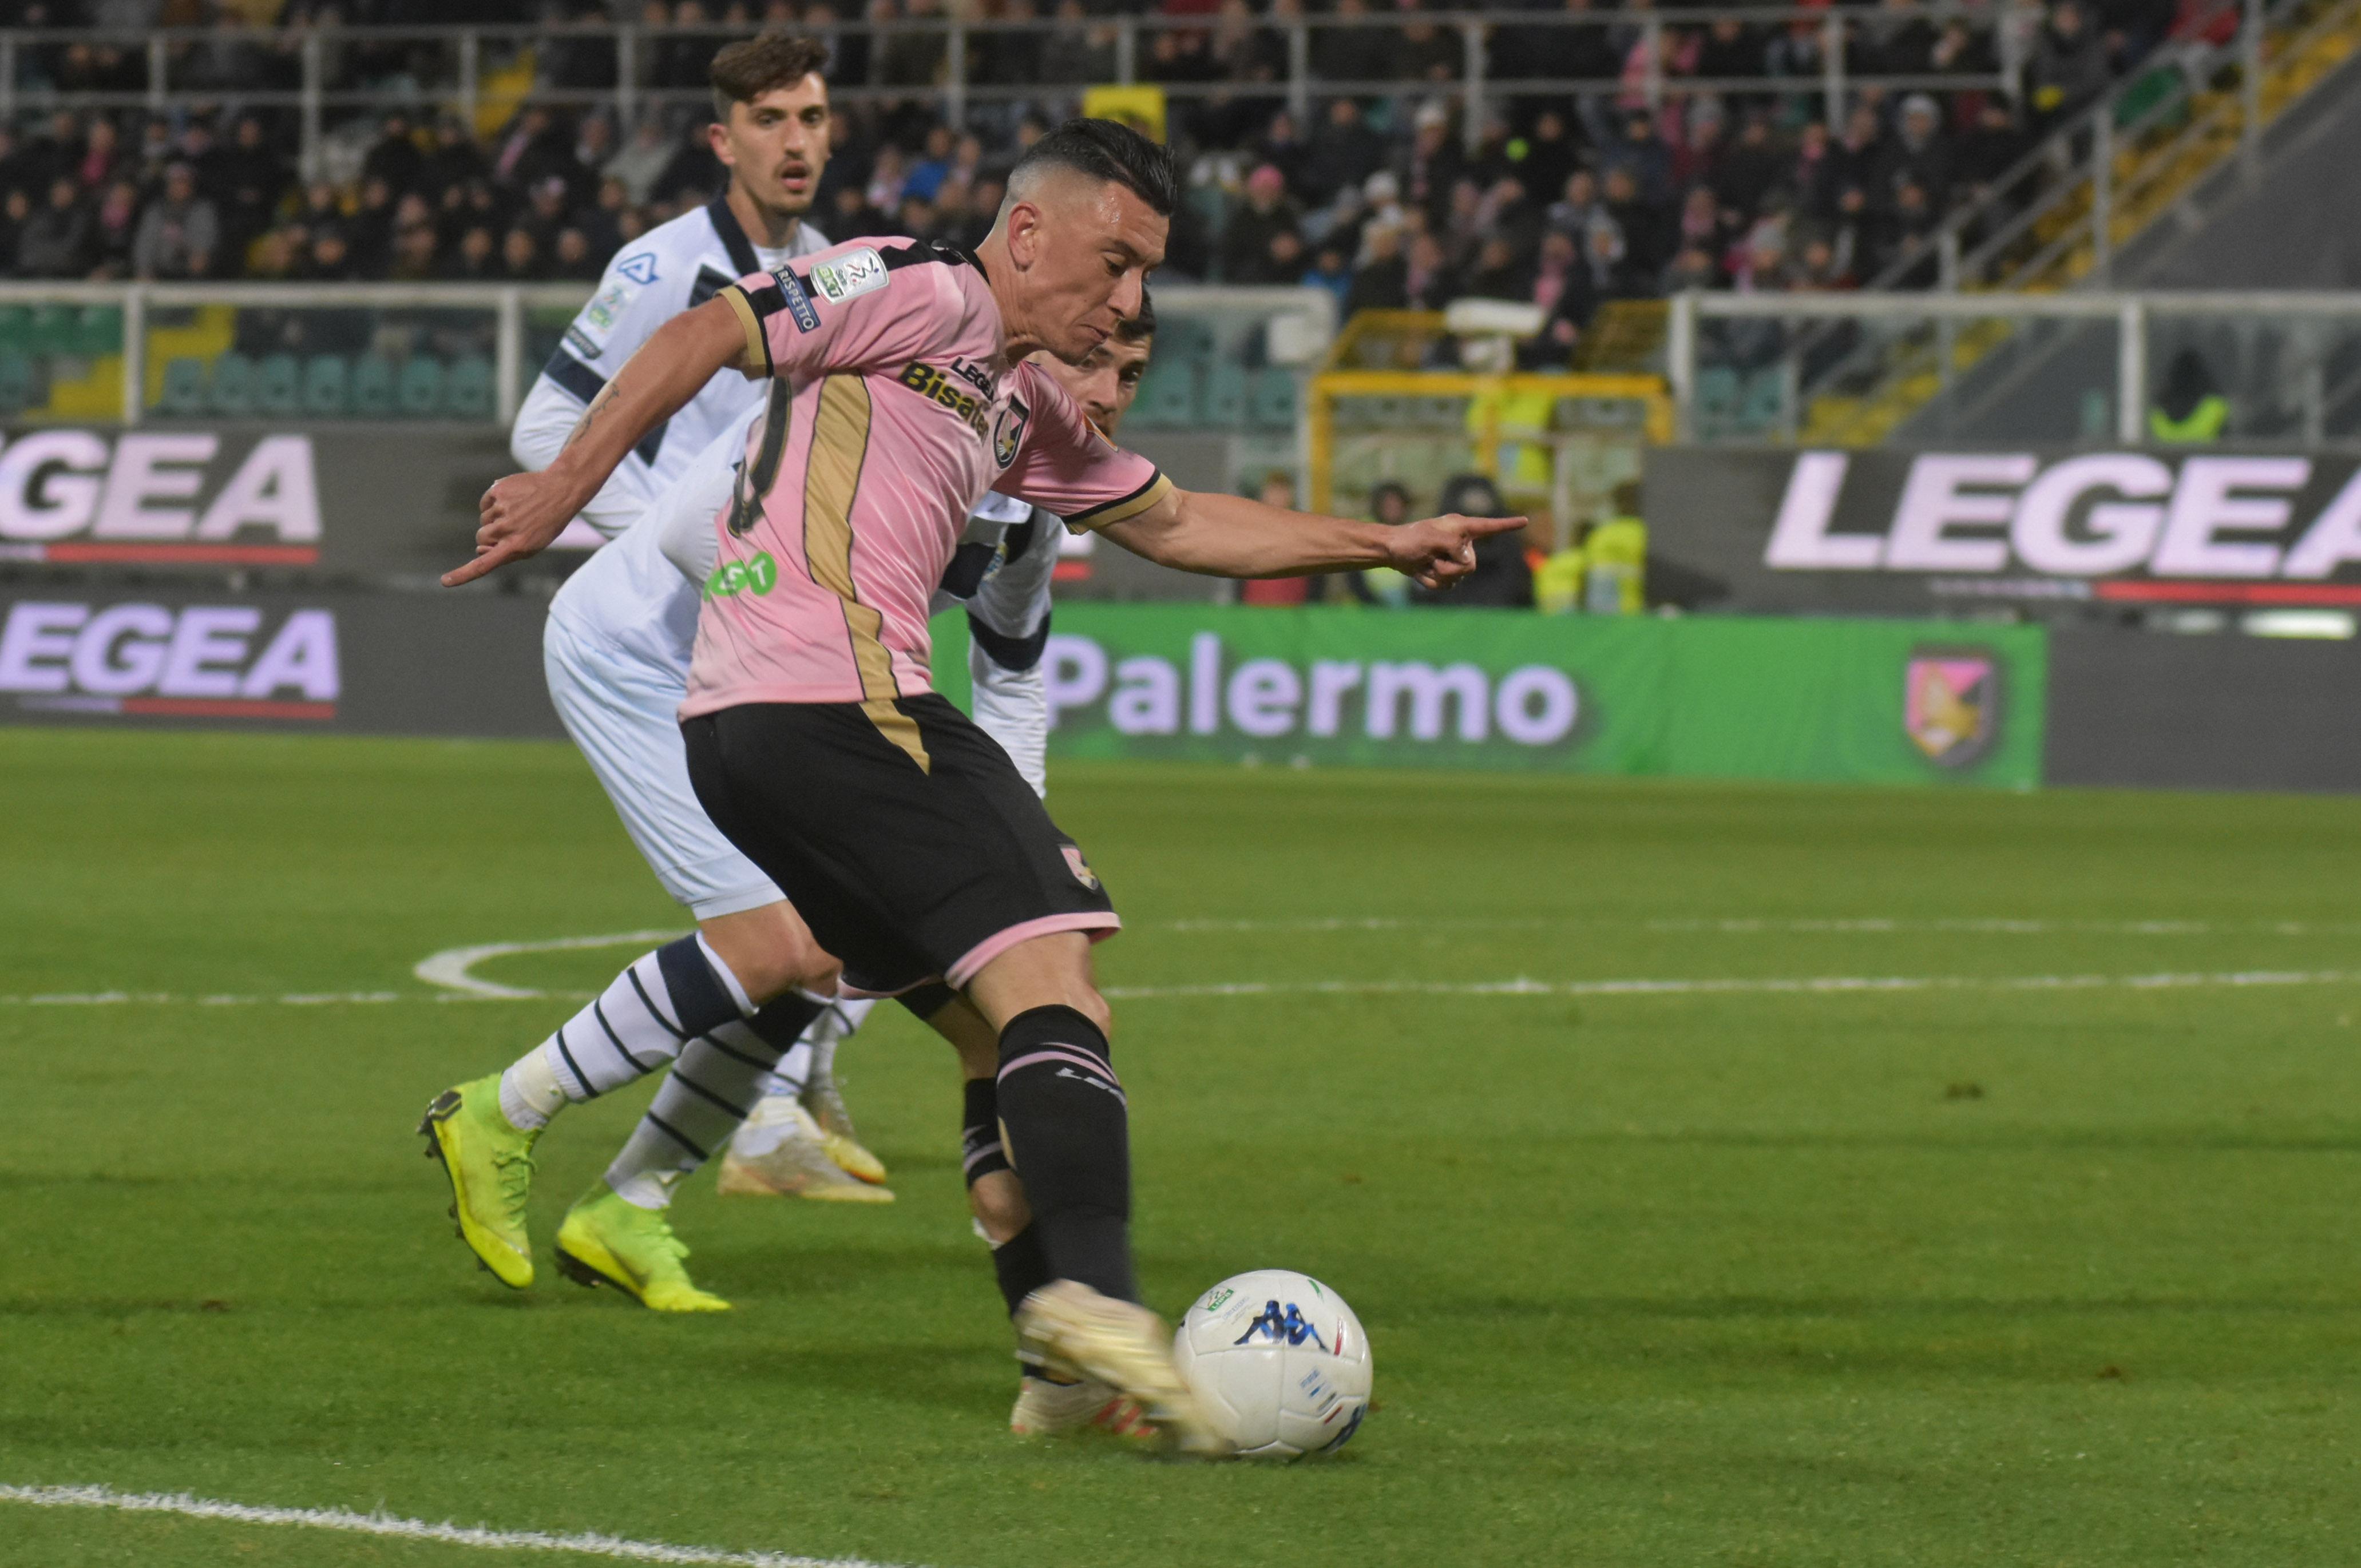 Il Palermo torna capolista per pochi minuti, 13 per l'esattezza, grazie al gol del rientrante Nestorovski che era appena entrato in campo. Poi, con lo stadio pronto a festeggiare, arriva un gol casuale, non voluto, beffardo e il Brescia si riprende il comando nei minuti si recupero. Ma il Palermo avrebbe meritato di vincere, ha dato comunque una dimostrazione di solidità tecnica e di forza interiore davvero impressionante. Al di là della beffa, se il Palermo continuerà a giocare su questi livelli può comunque conquistare la serie A. LA CRONACA DEL MATCH PALERMO:Brignoli 5; Rispoli 6, Bellusci 6,5, Rajkovic 6,5,